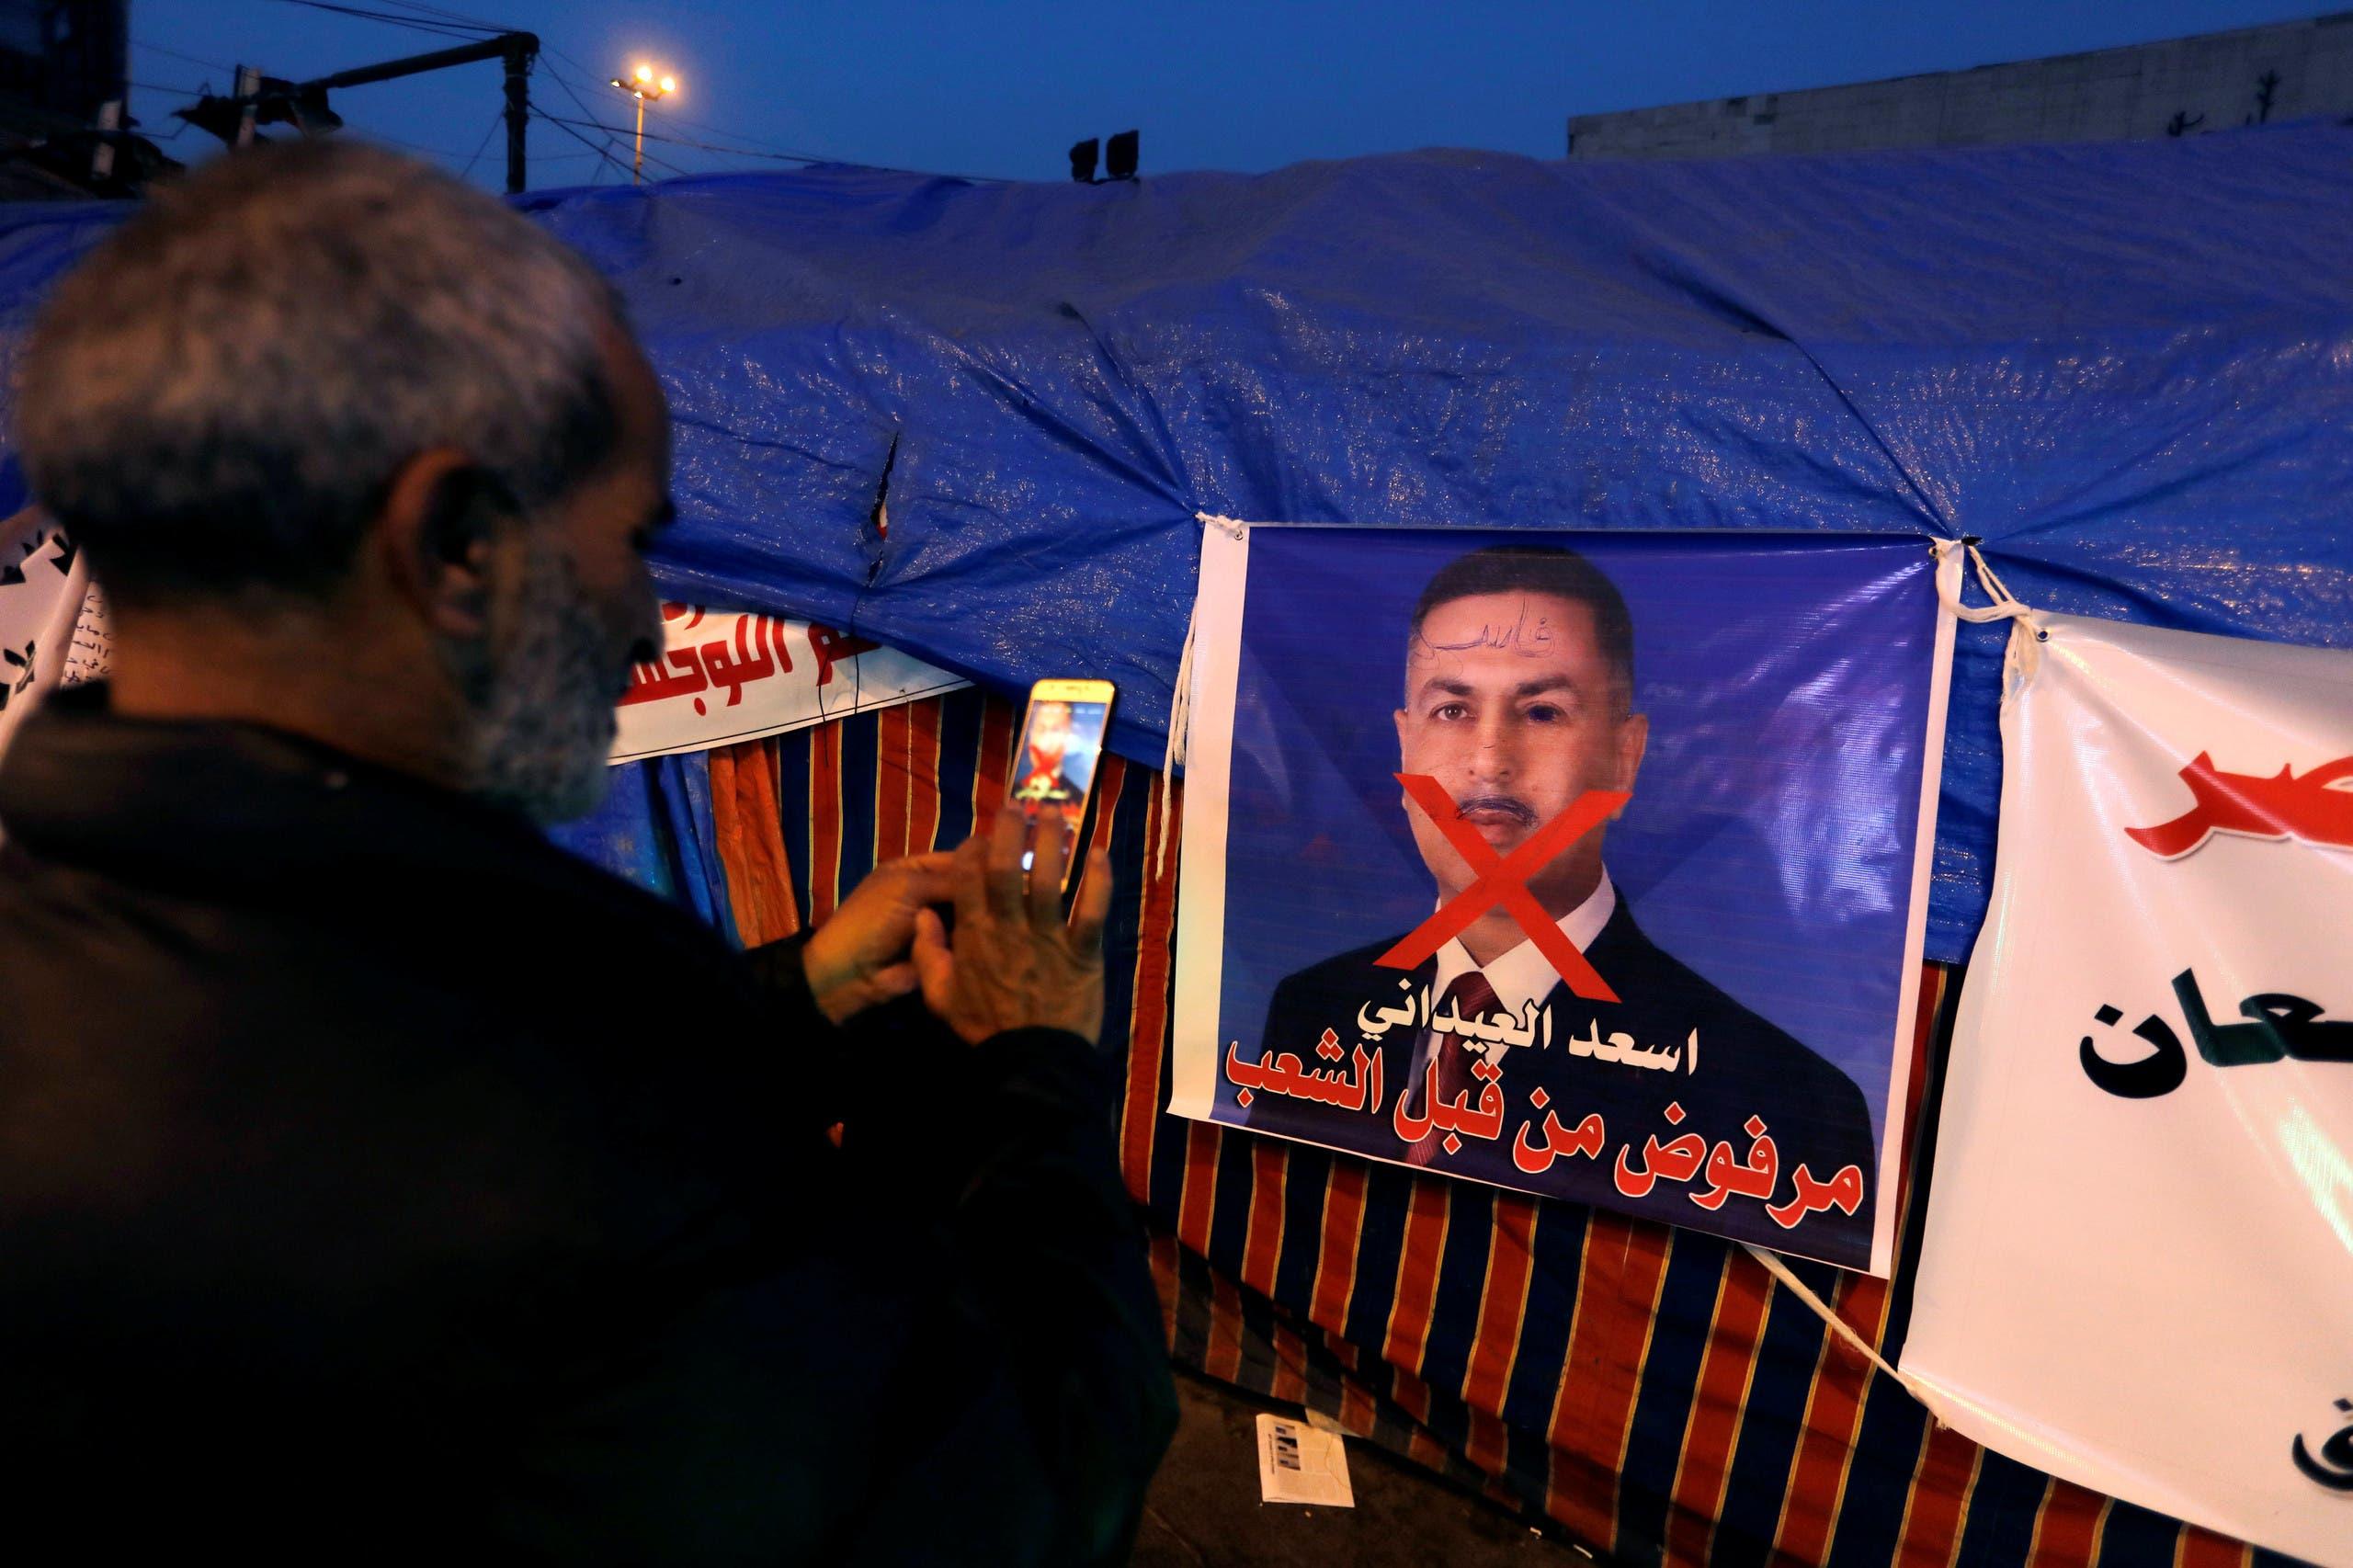 يافطة ترفض ترشيح أسعد العيداني في بغداد (26 ديسمبر- رويترز)